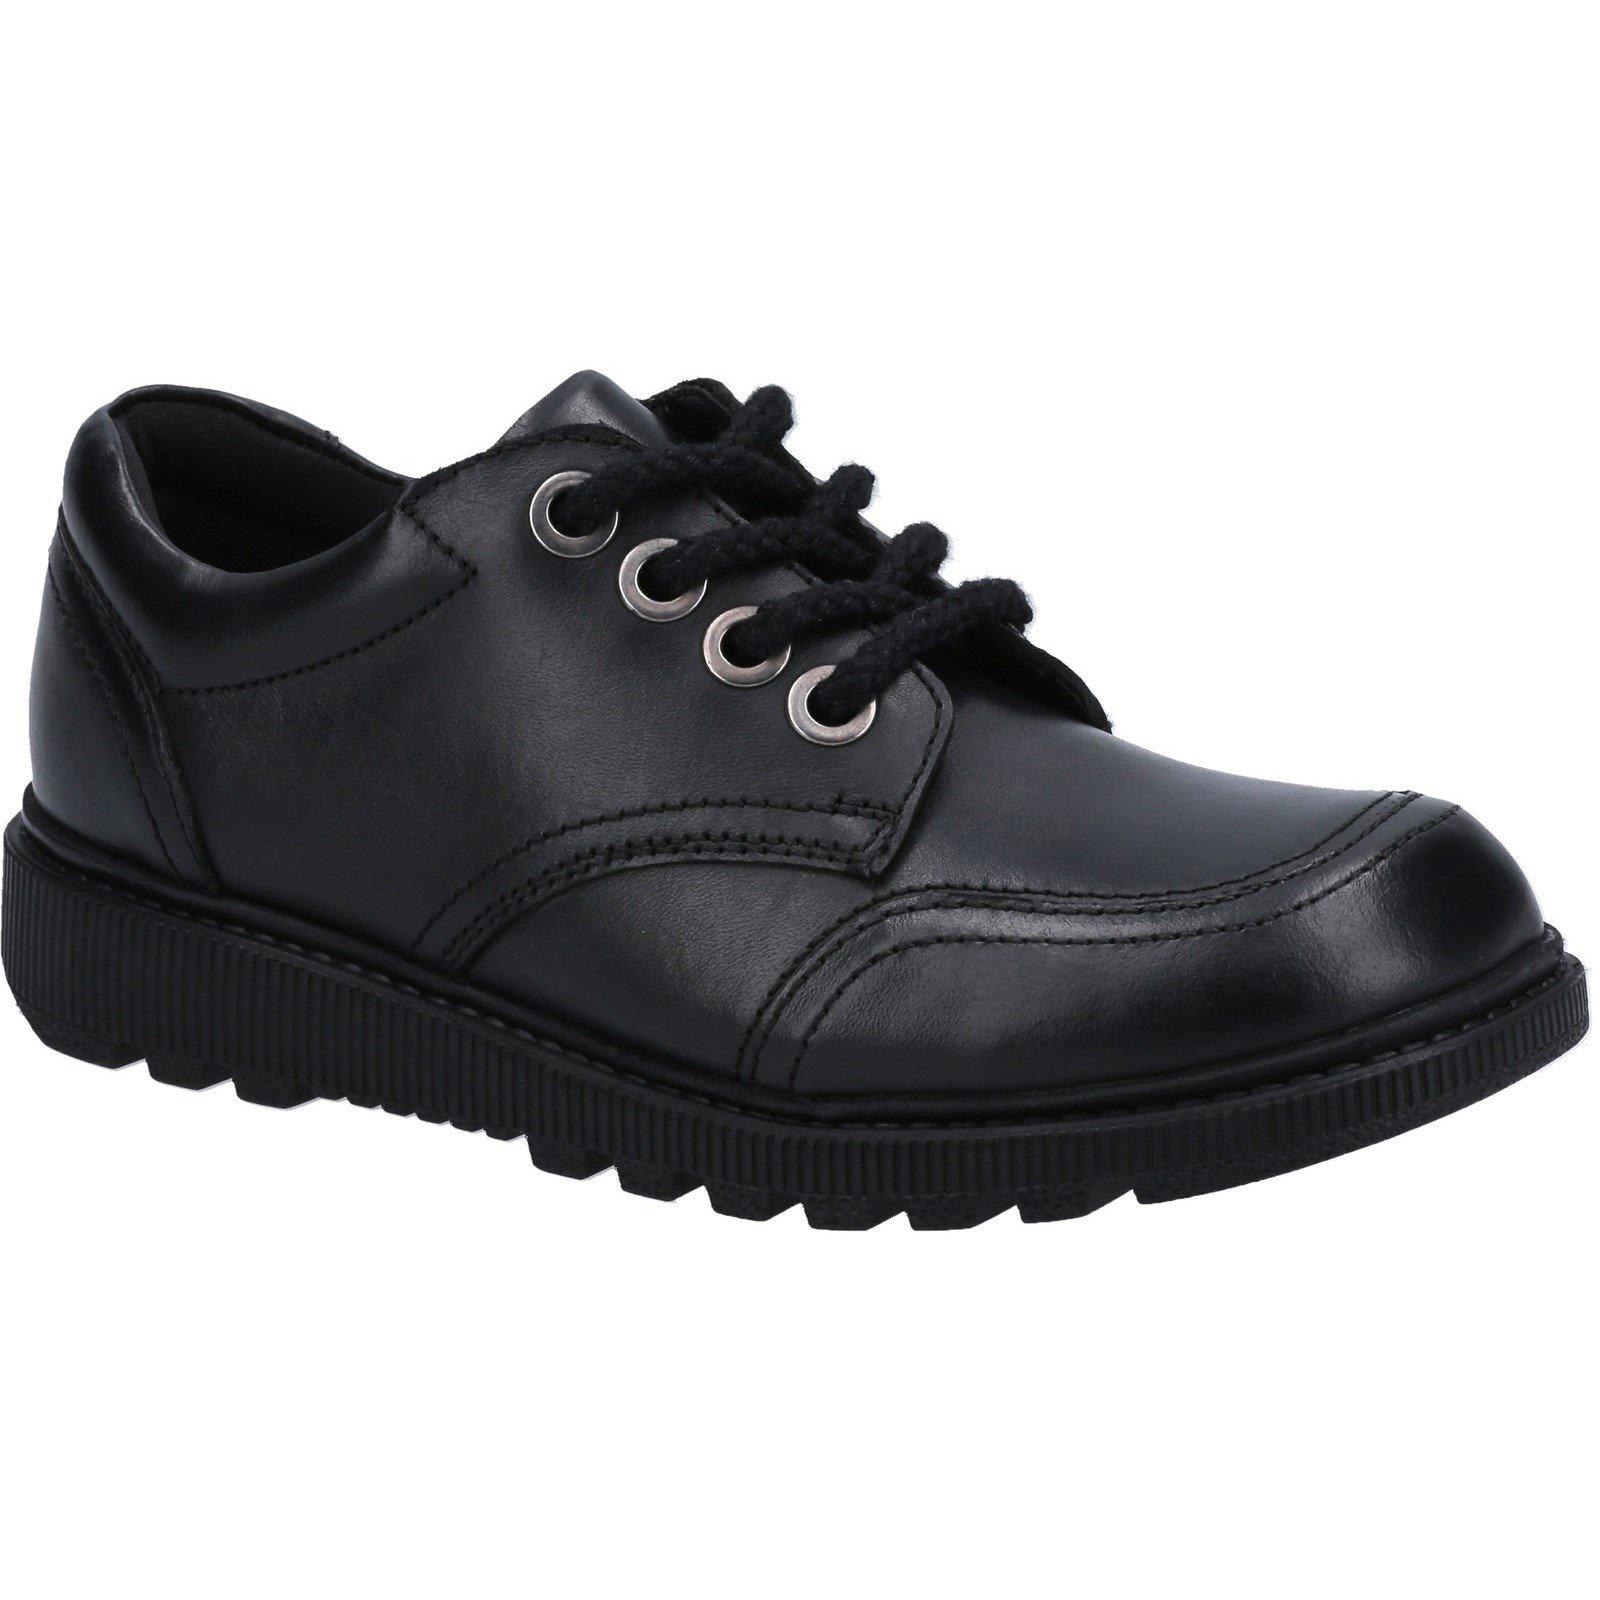 Hush Puppies Kid's Kiera Senior School Shoe Black 30822 - Black 5